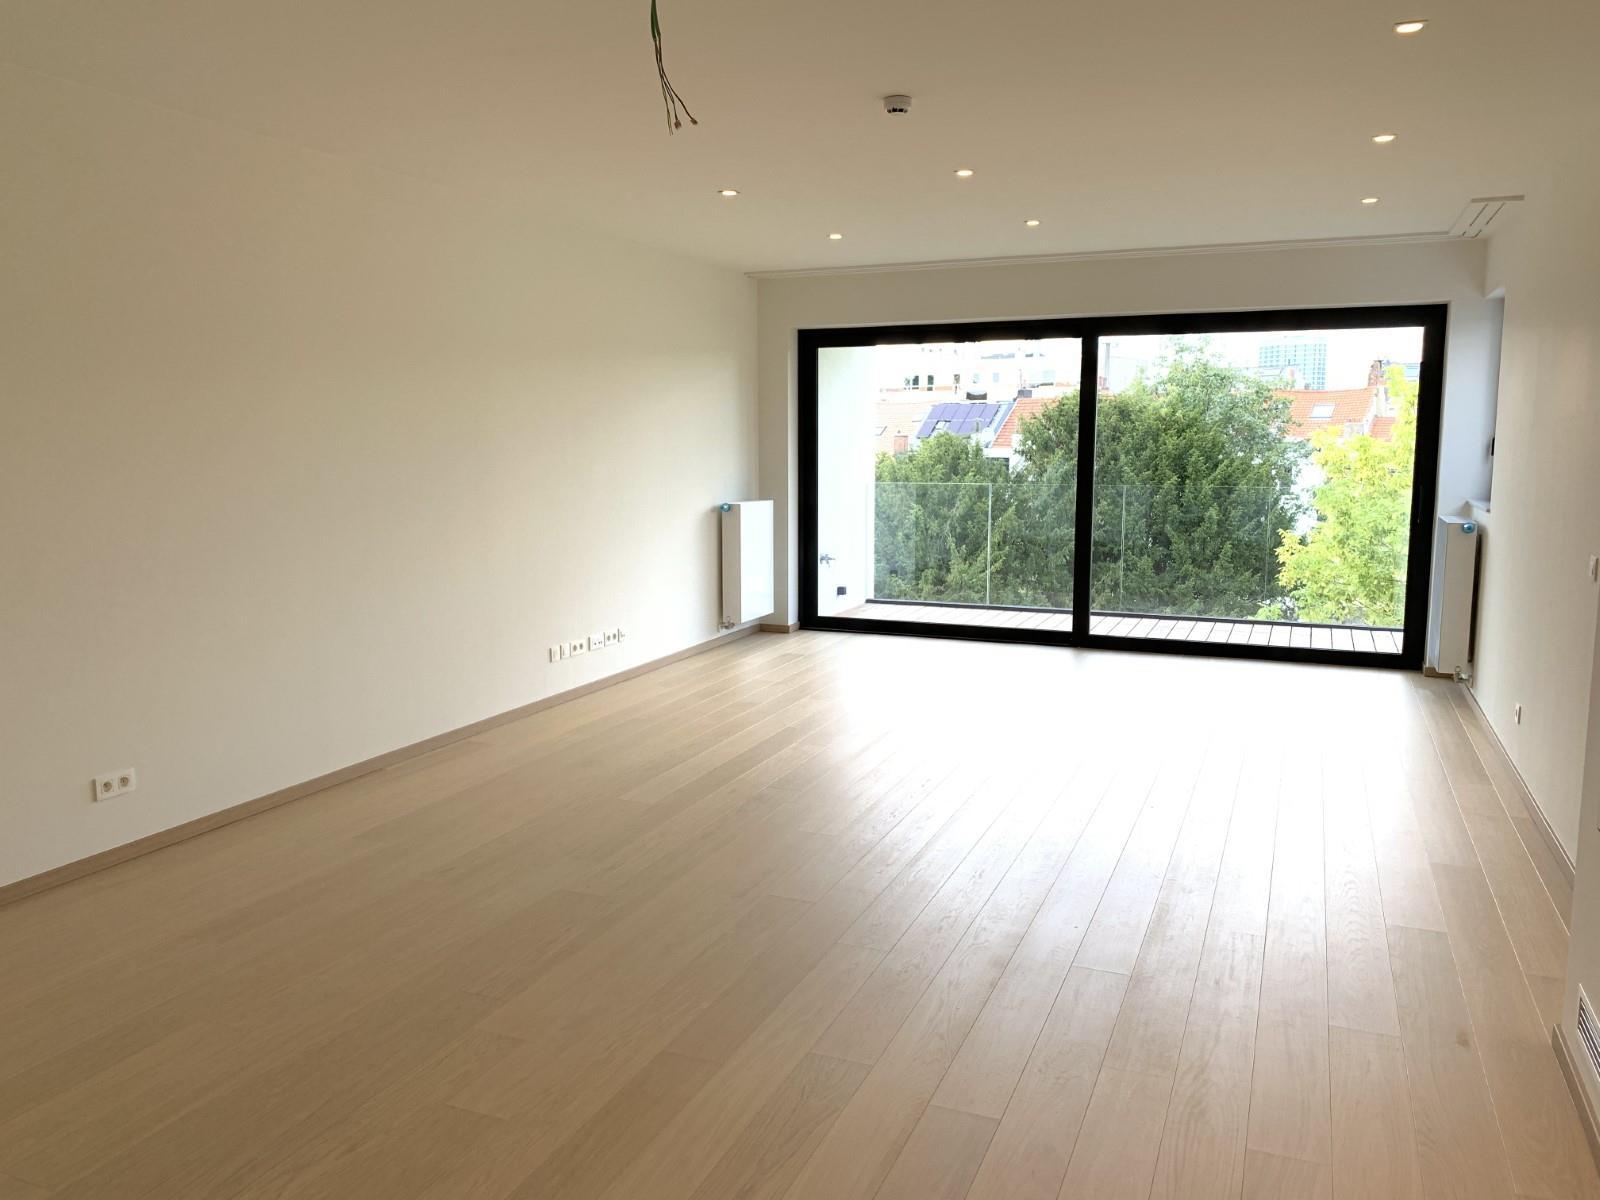 Appartement exceptionnel - Ixelles - #3918748-5